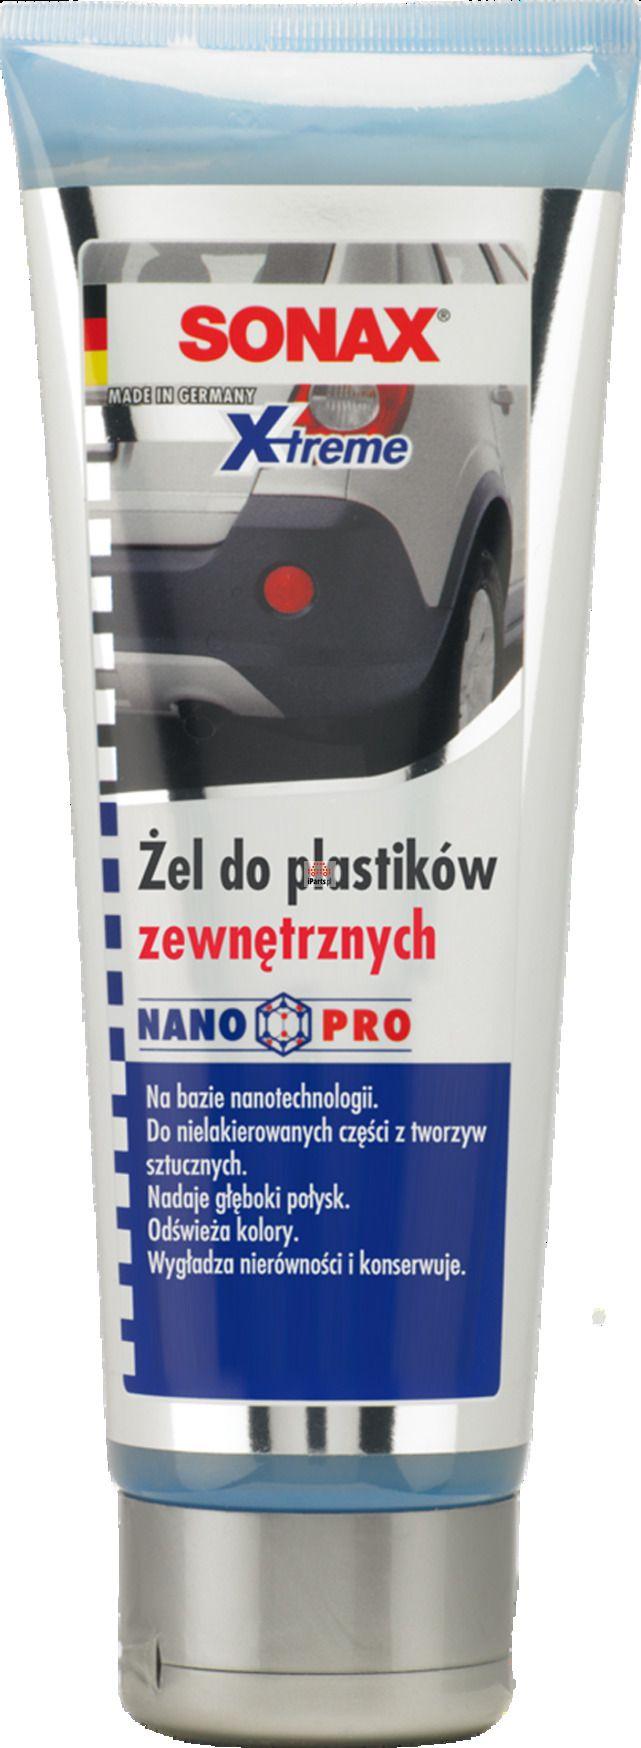 Żel do plastików zewnętrznych SONAX Xtreme 250 ml SONAX 210141 - Sklep iParts.pl